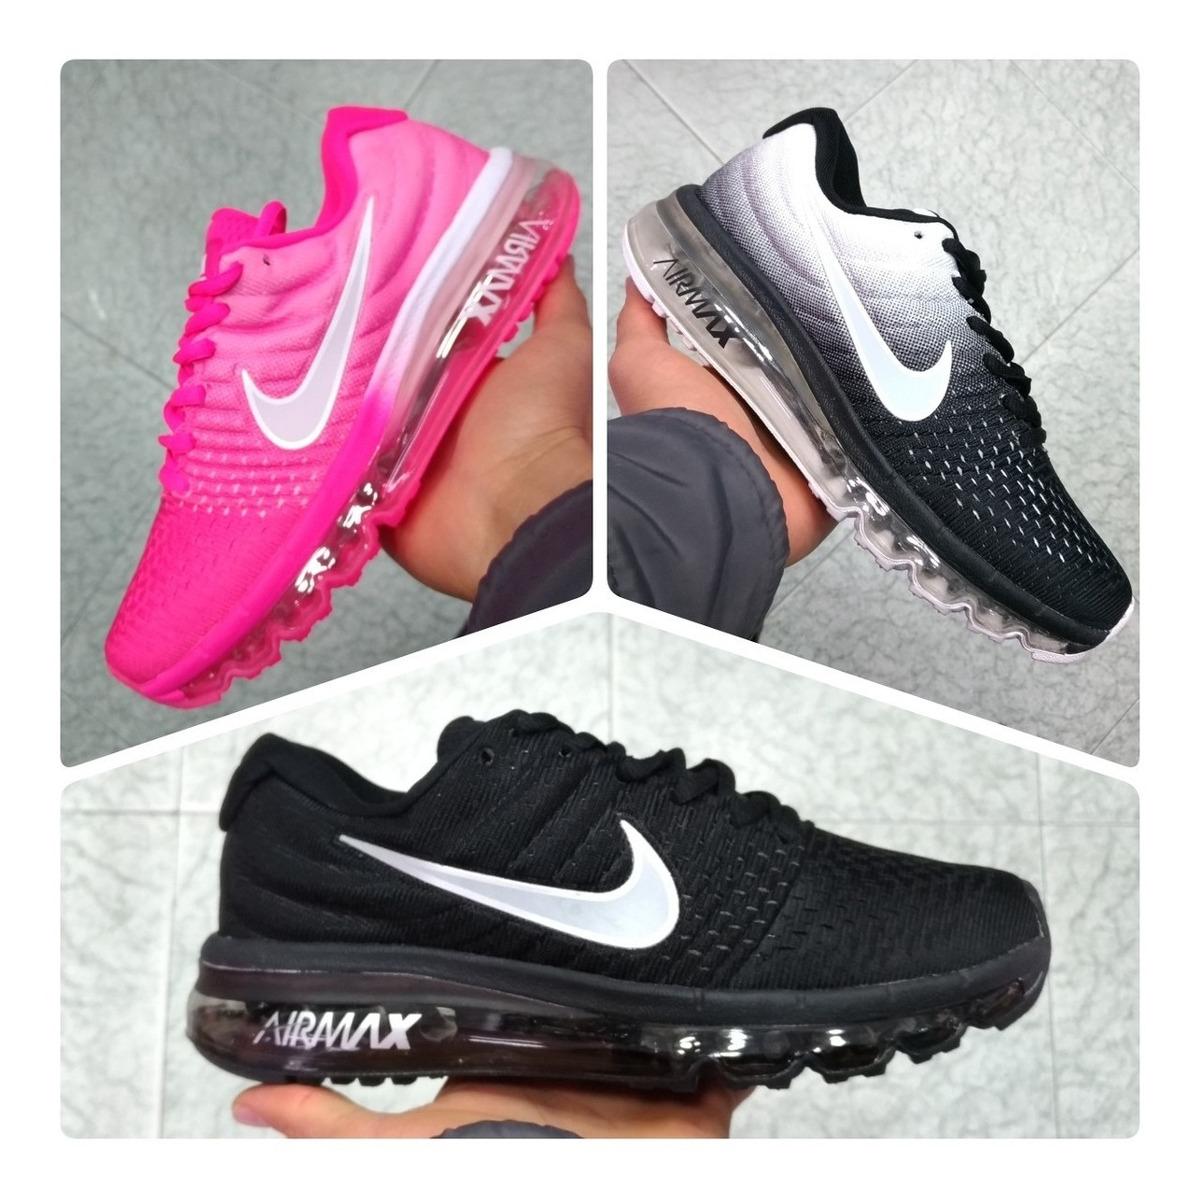 Zapatillas Nike Airmax 360 Camara Mujer